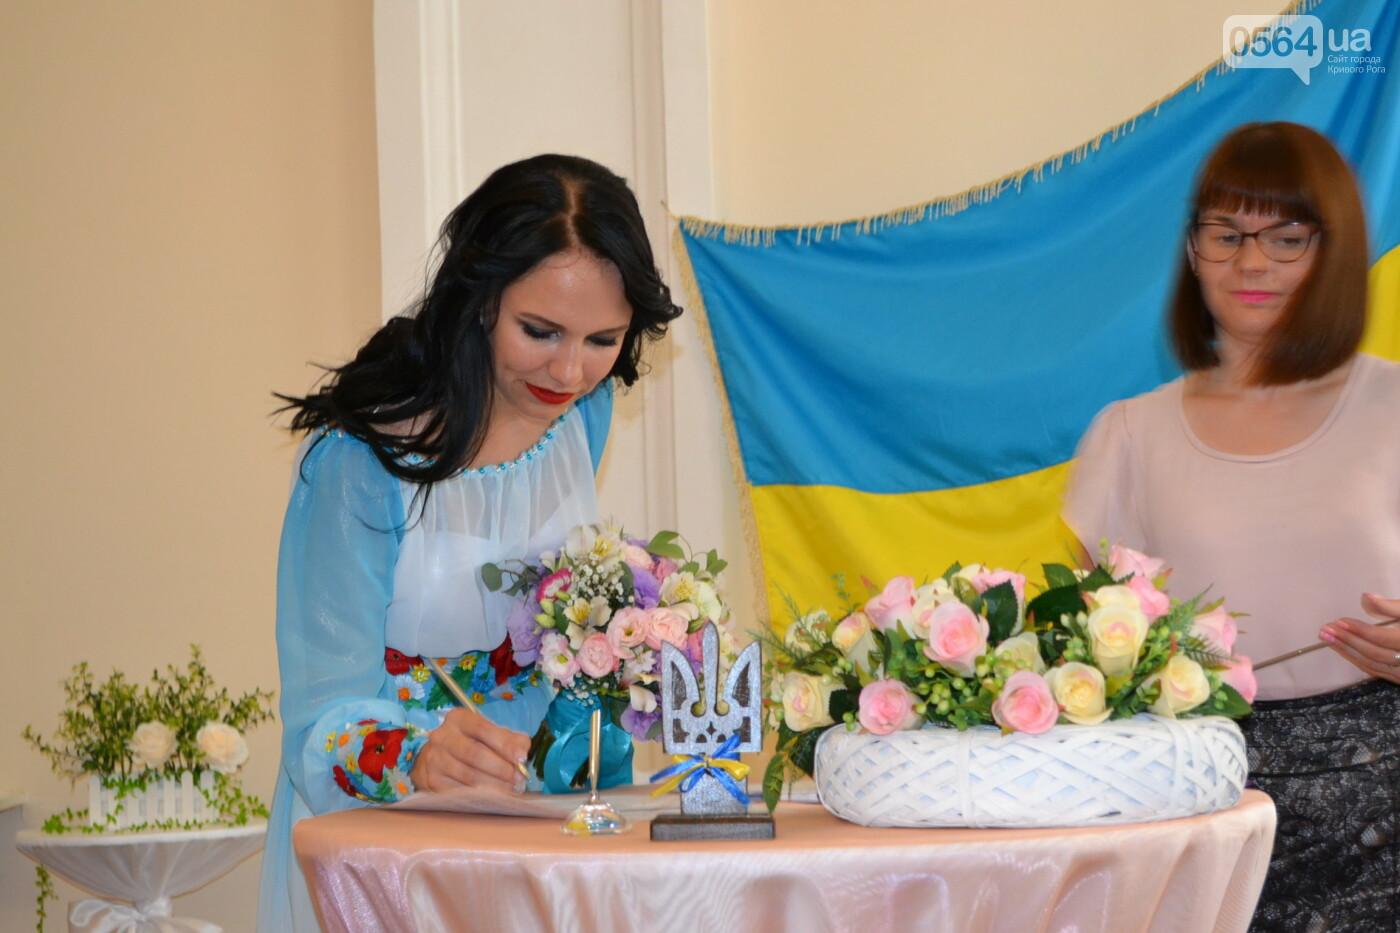 В Кривом Роге бойца 17 танковой бригады и его супругу в день бракосочетания крепко связали флагом Украины, - ФОТО, ВИДЕО, фото-11